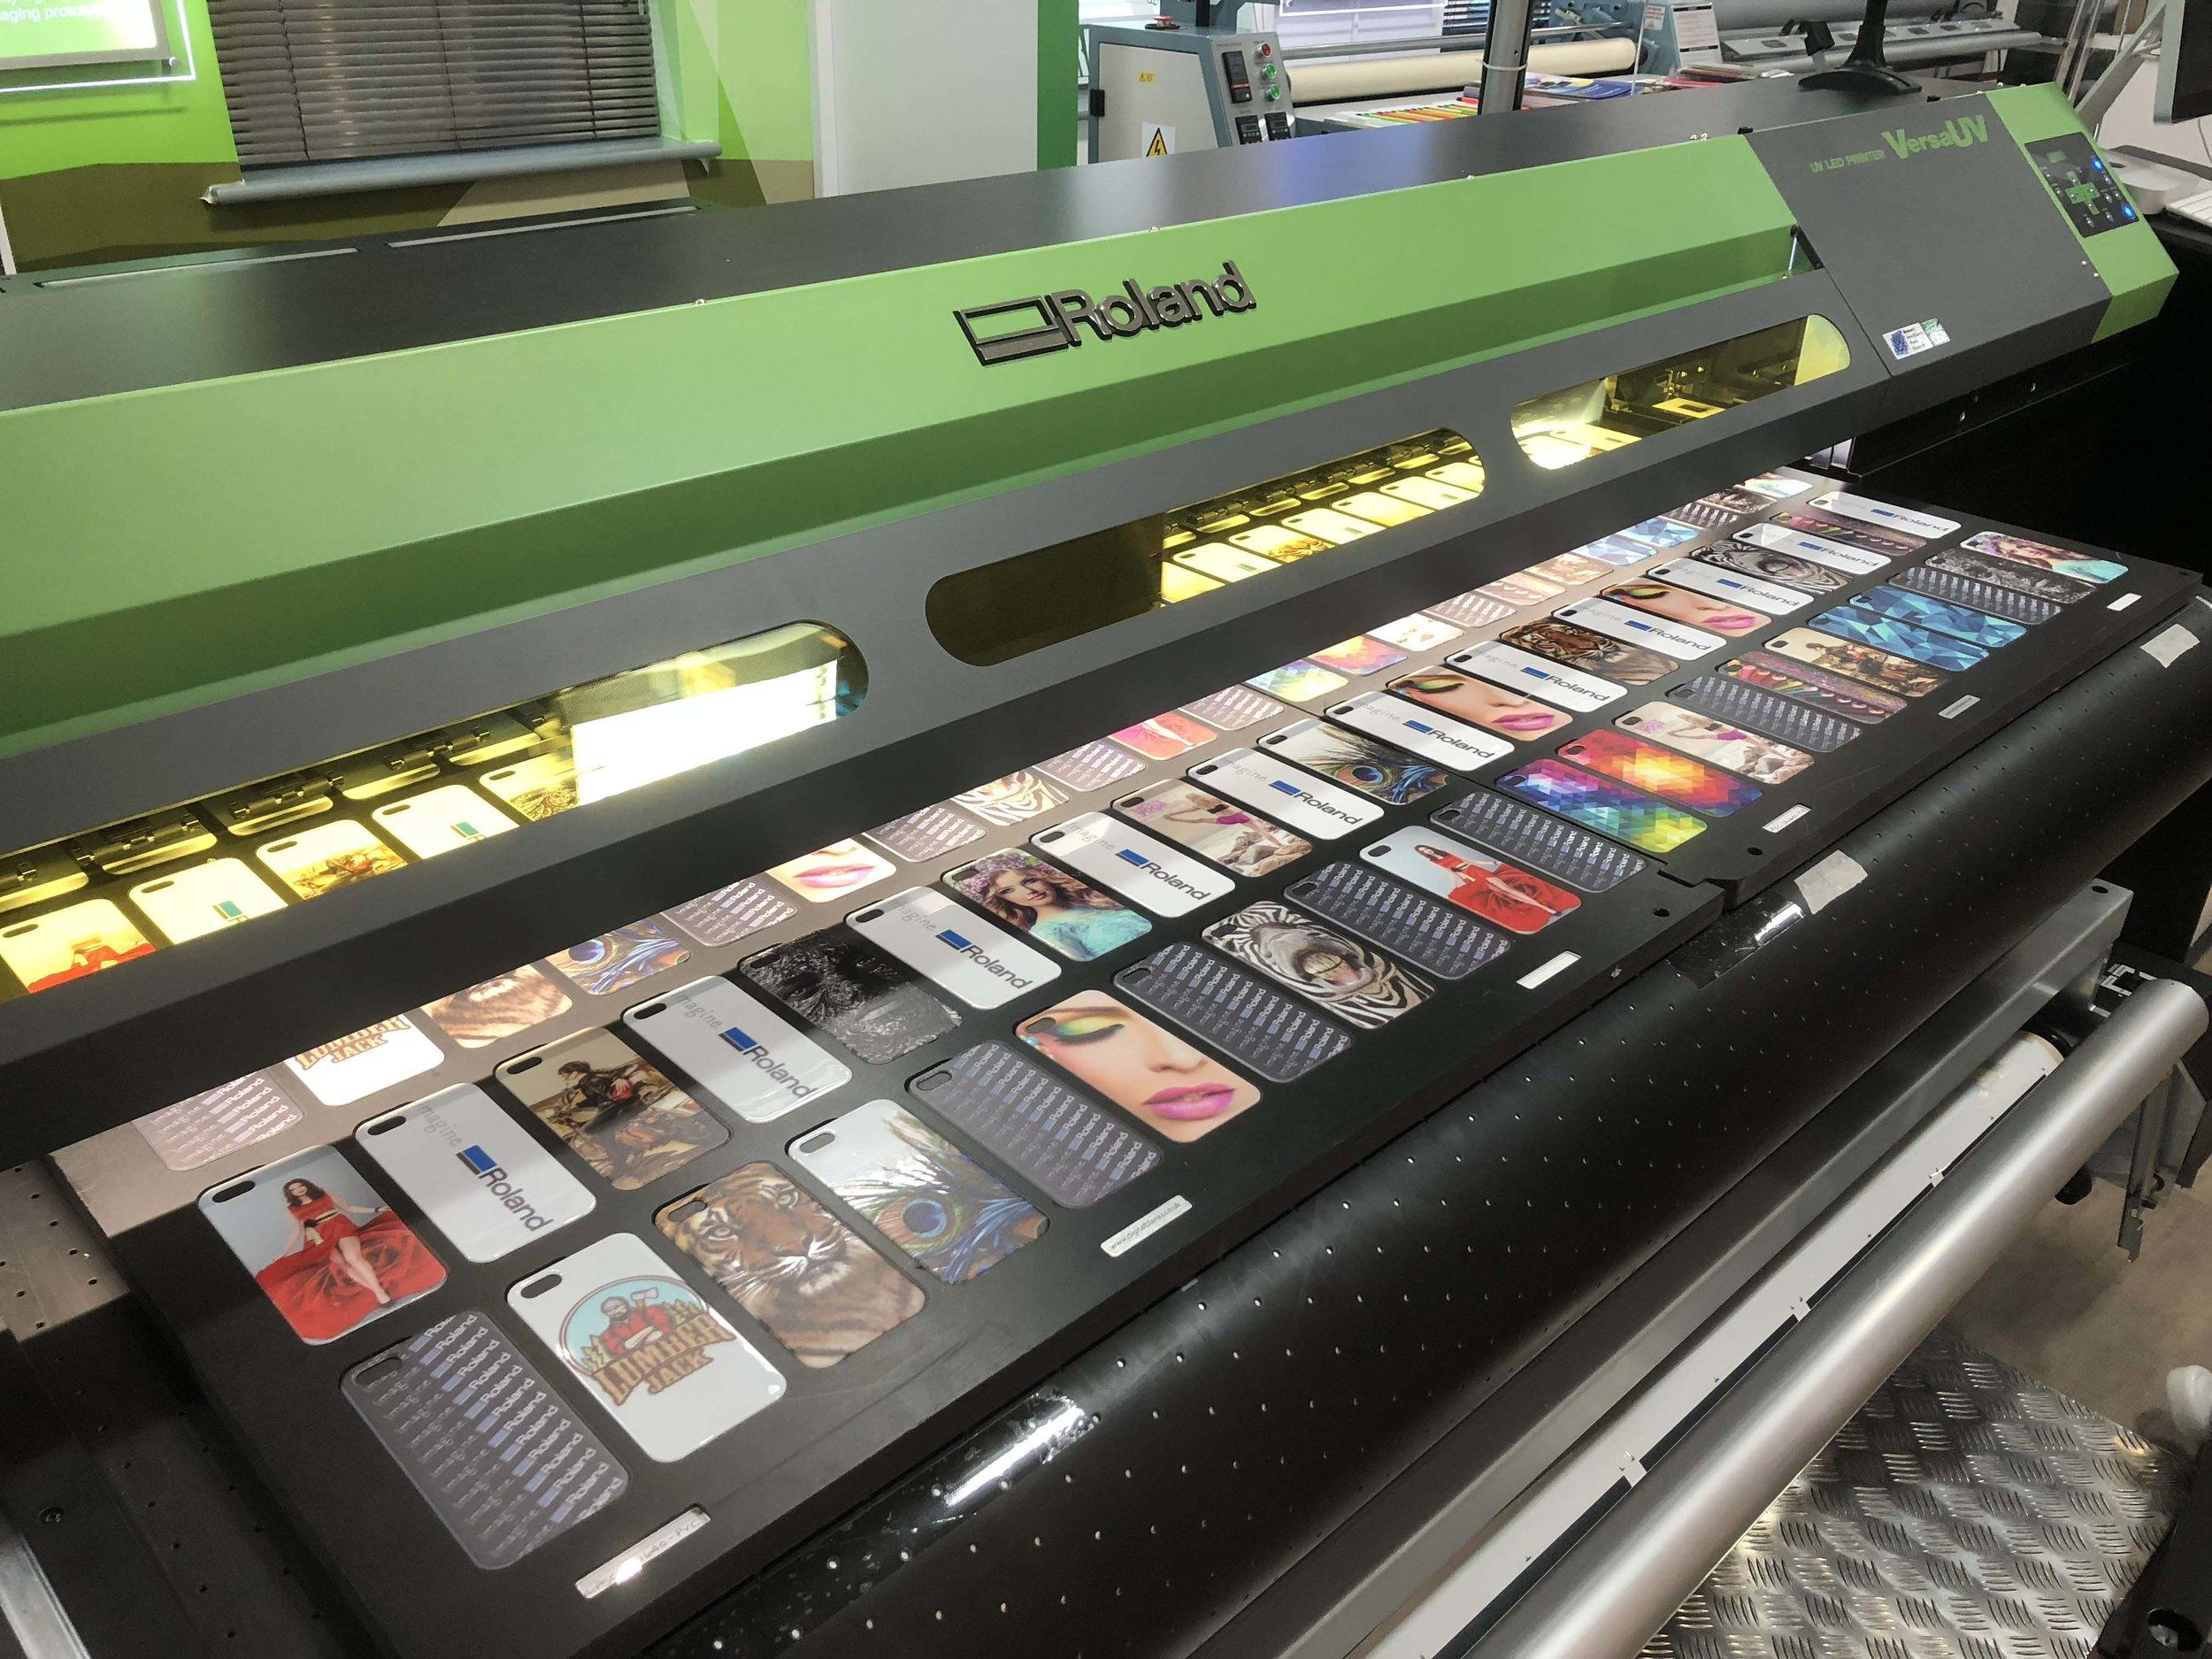 Printing onto phone covers on the VersaUV S-Series printer